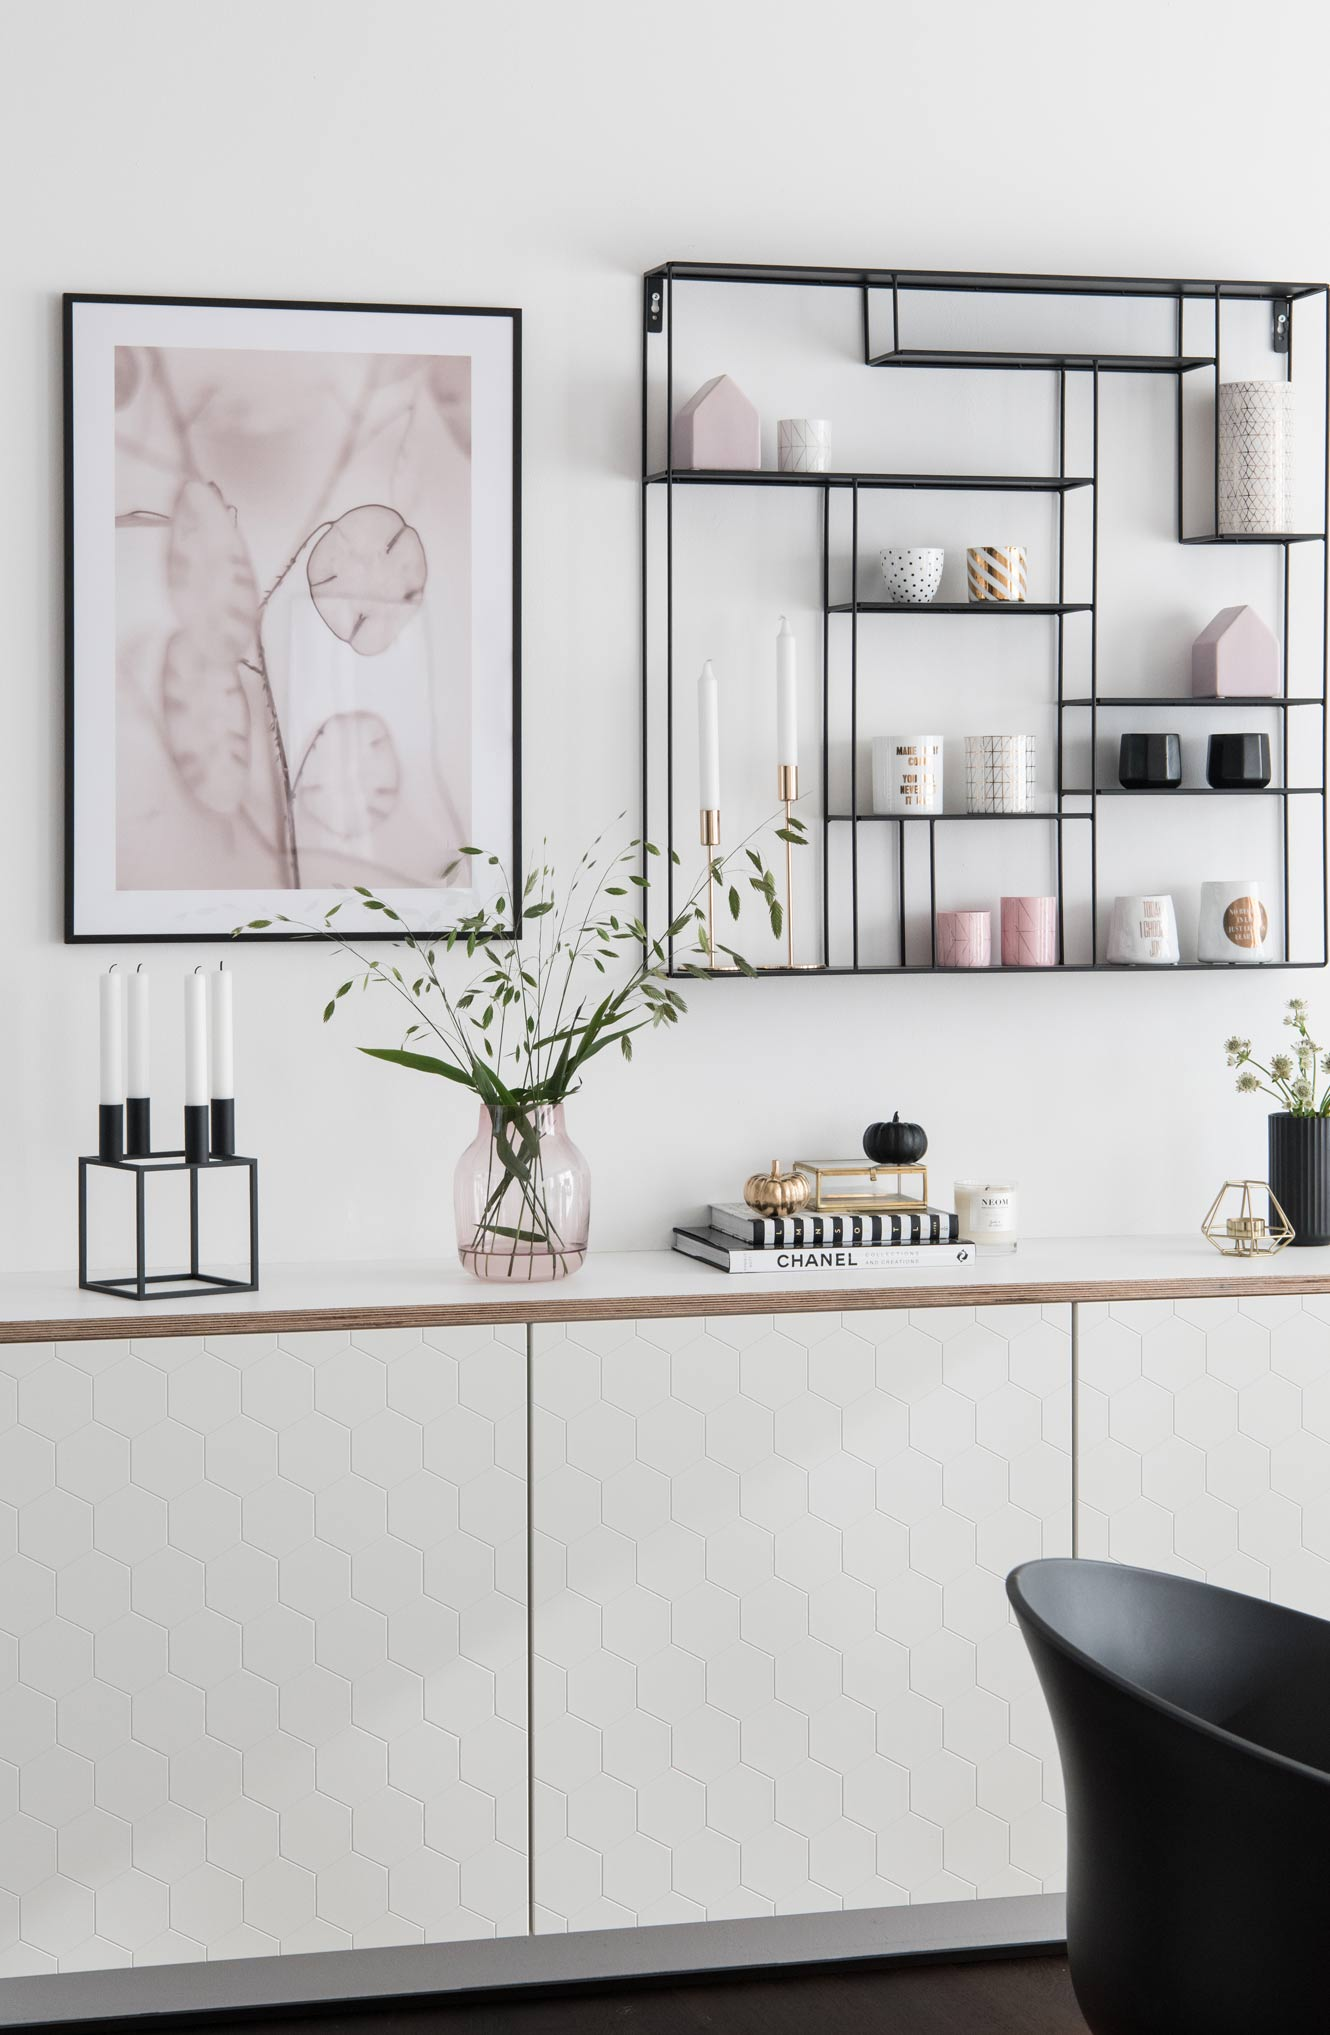 Full Size of Ikea Sideboard Küche Mit Arbeitsplatte Sofa Schlaffunktion Modulküche Kosten Betten Bei Kaufen Miniküche Wohnzimmer 160x200 Wohnzimmer Ikea Sideboard